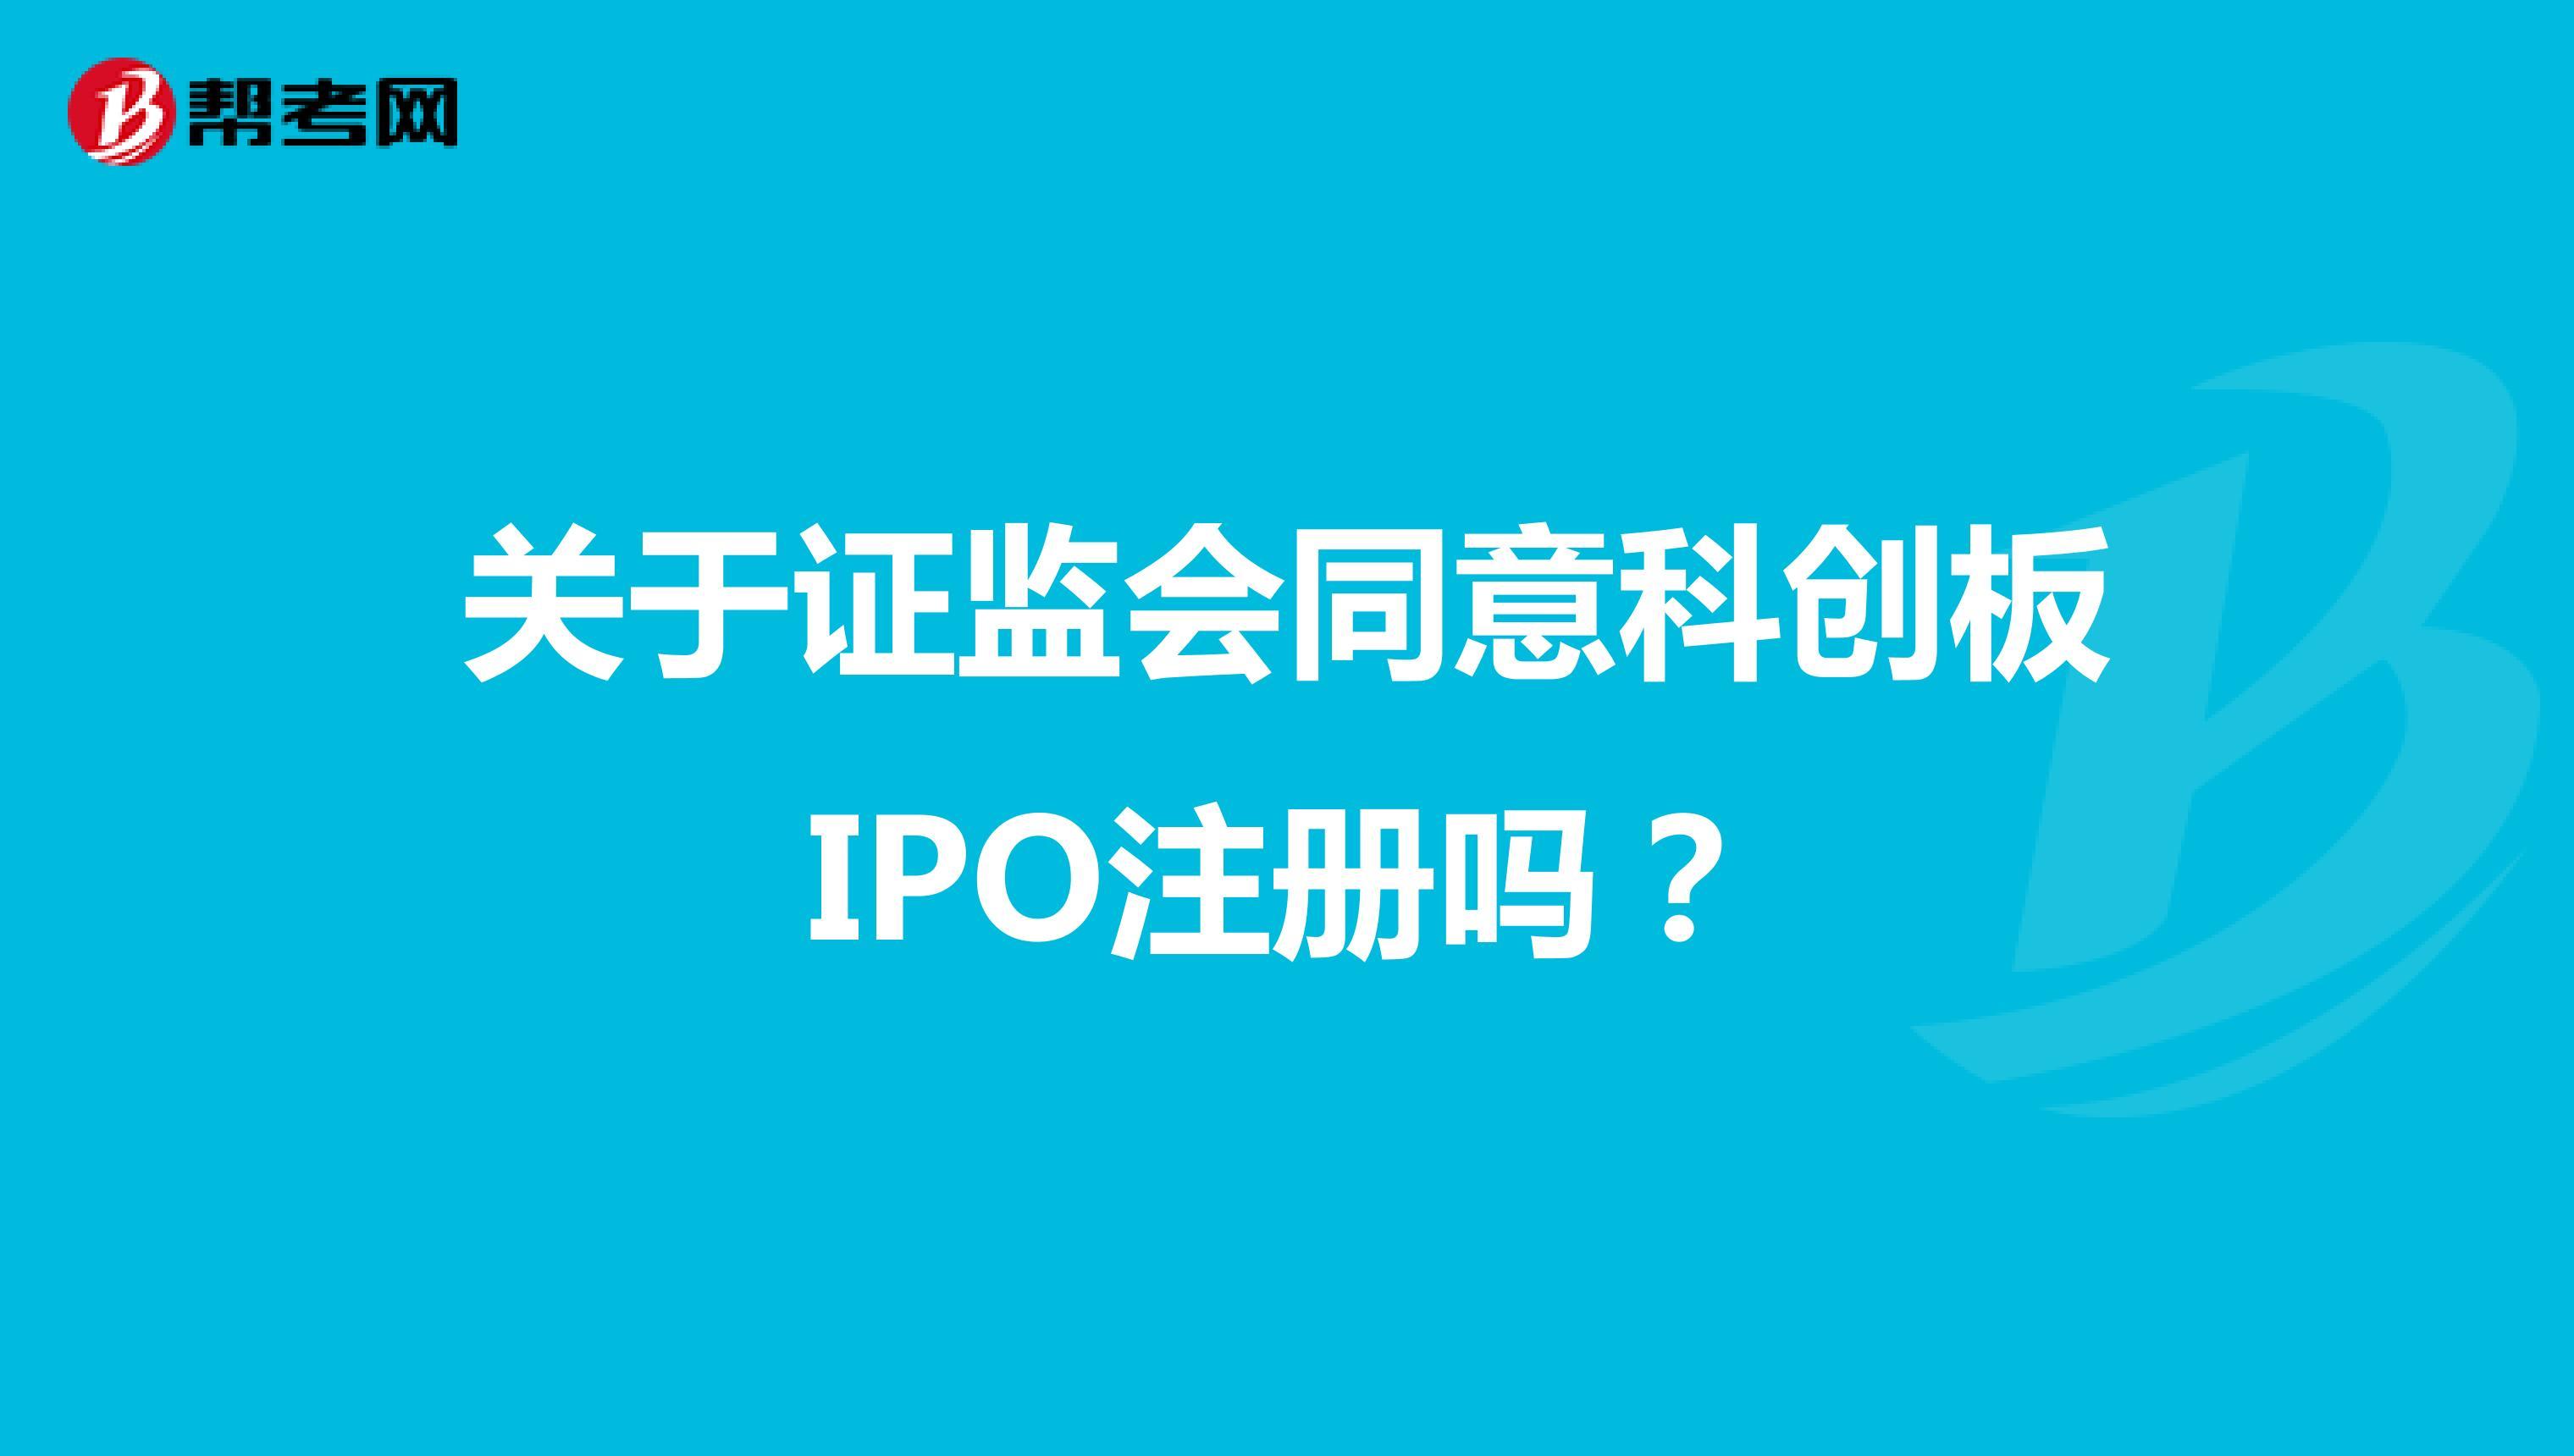 关于证监会同意科创板IPO注册吗?